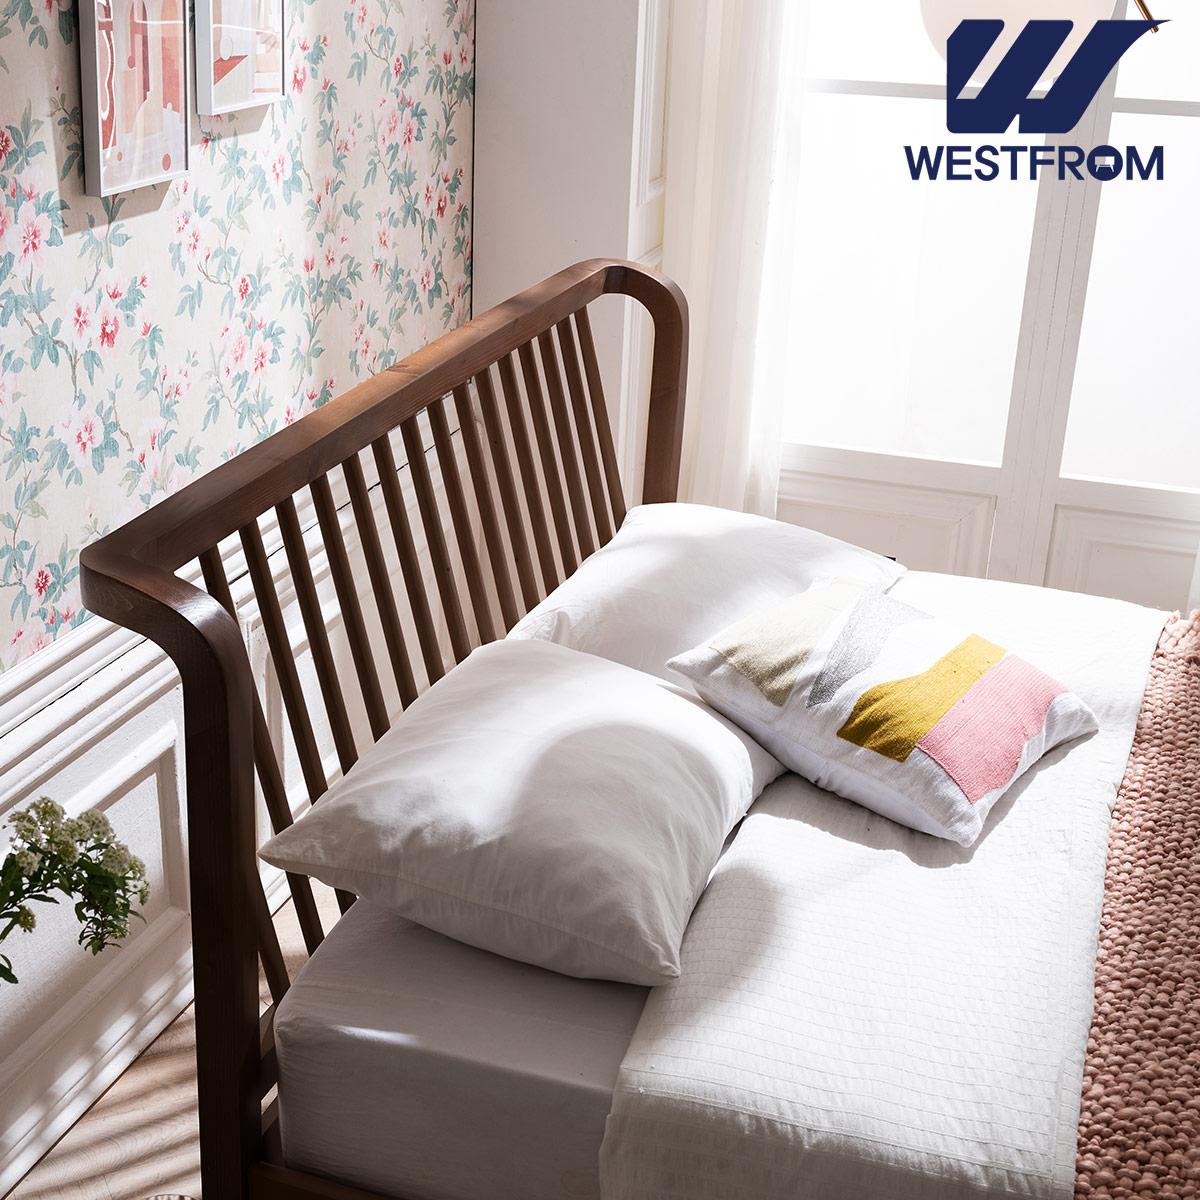 [웨스트프롬] 모던 NEW잉그리드) 원목 평상형 침대(퀸) / 프레임만